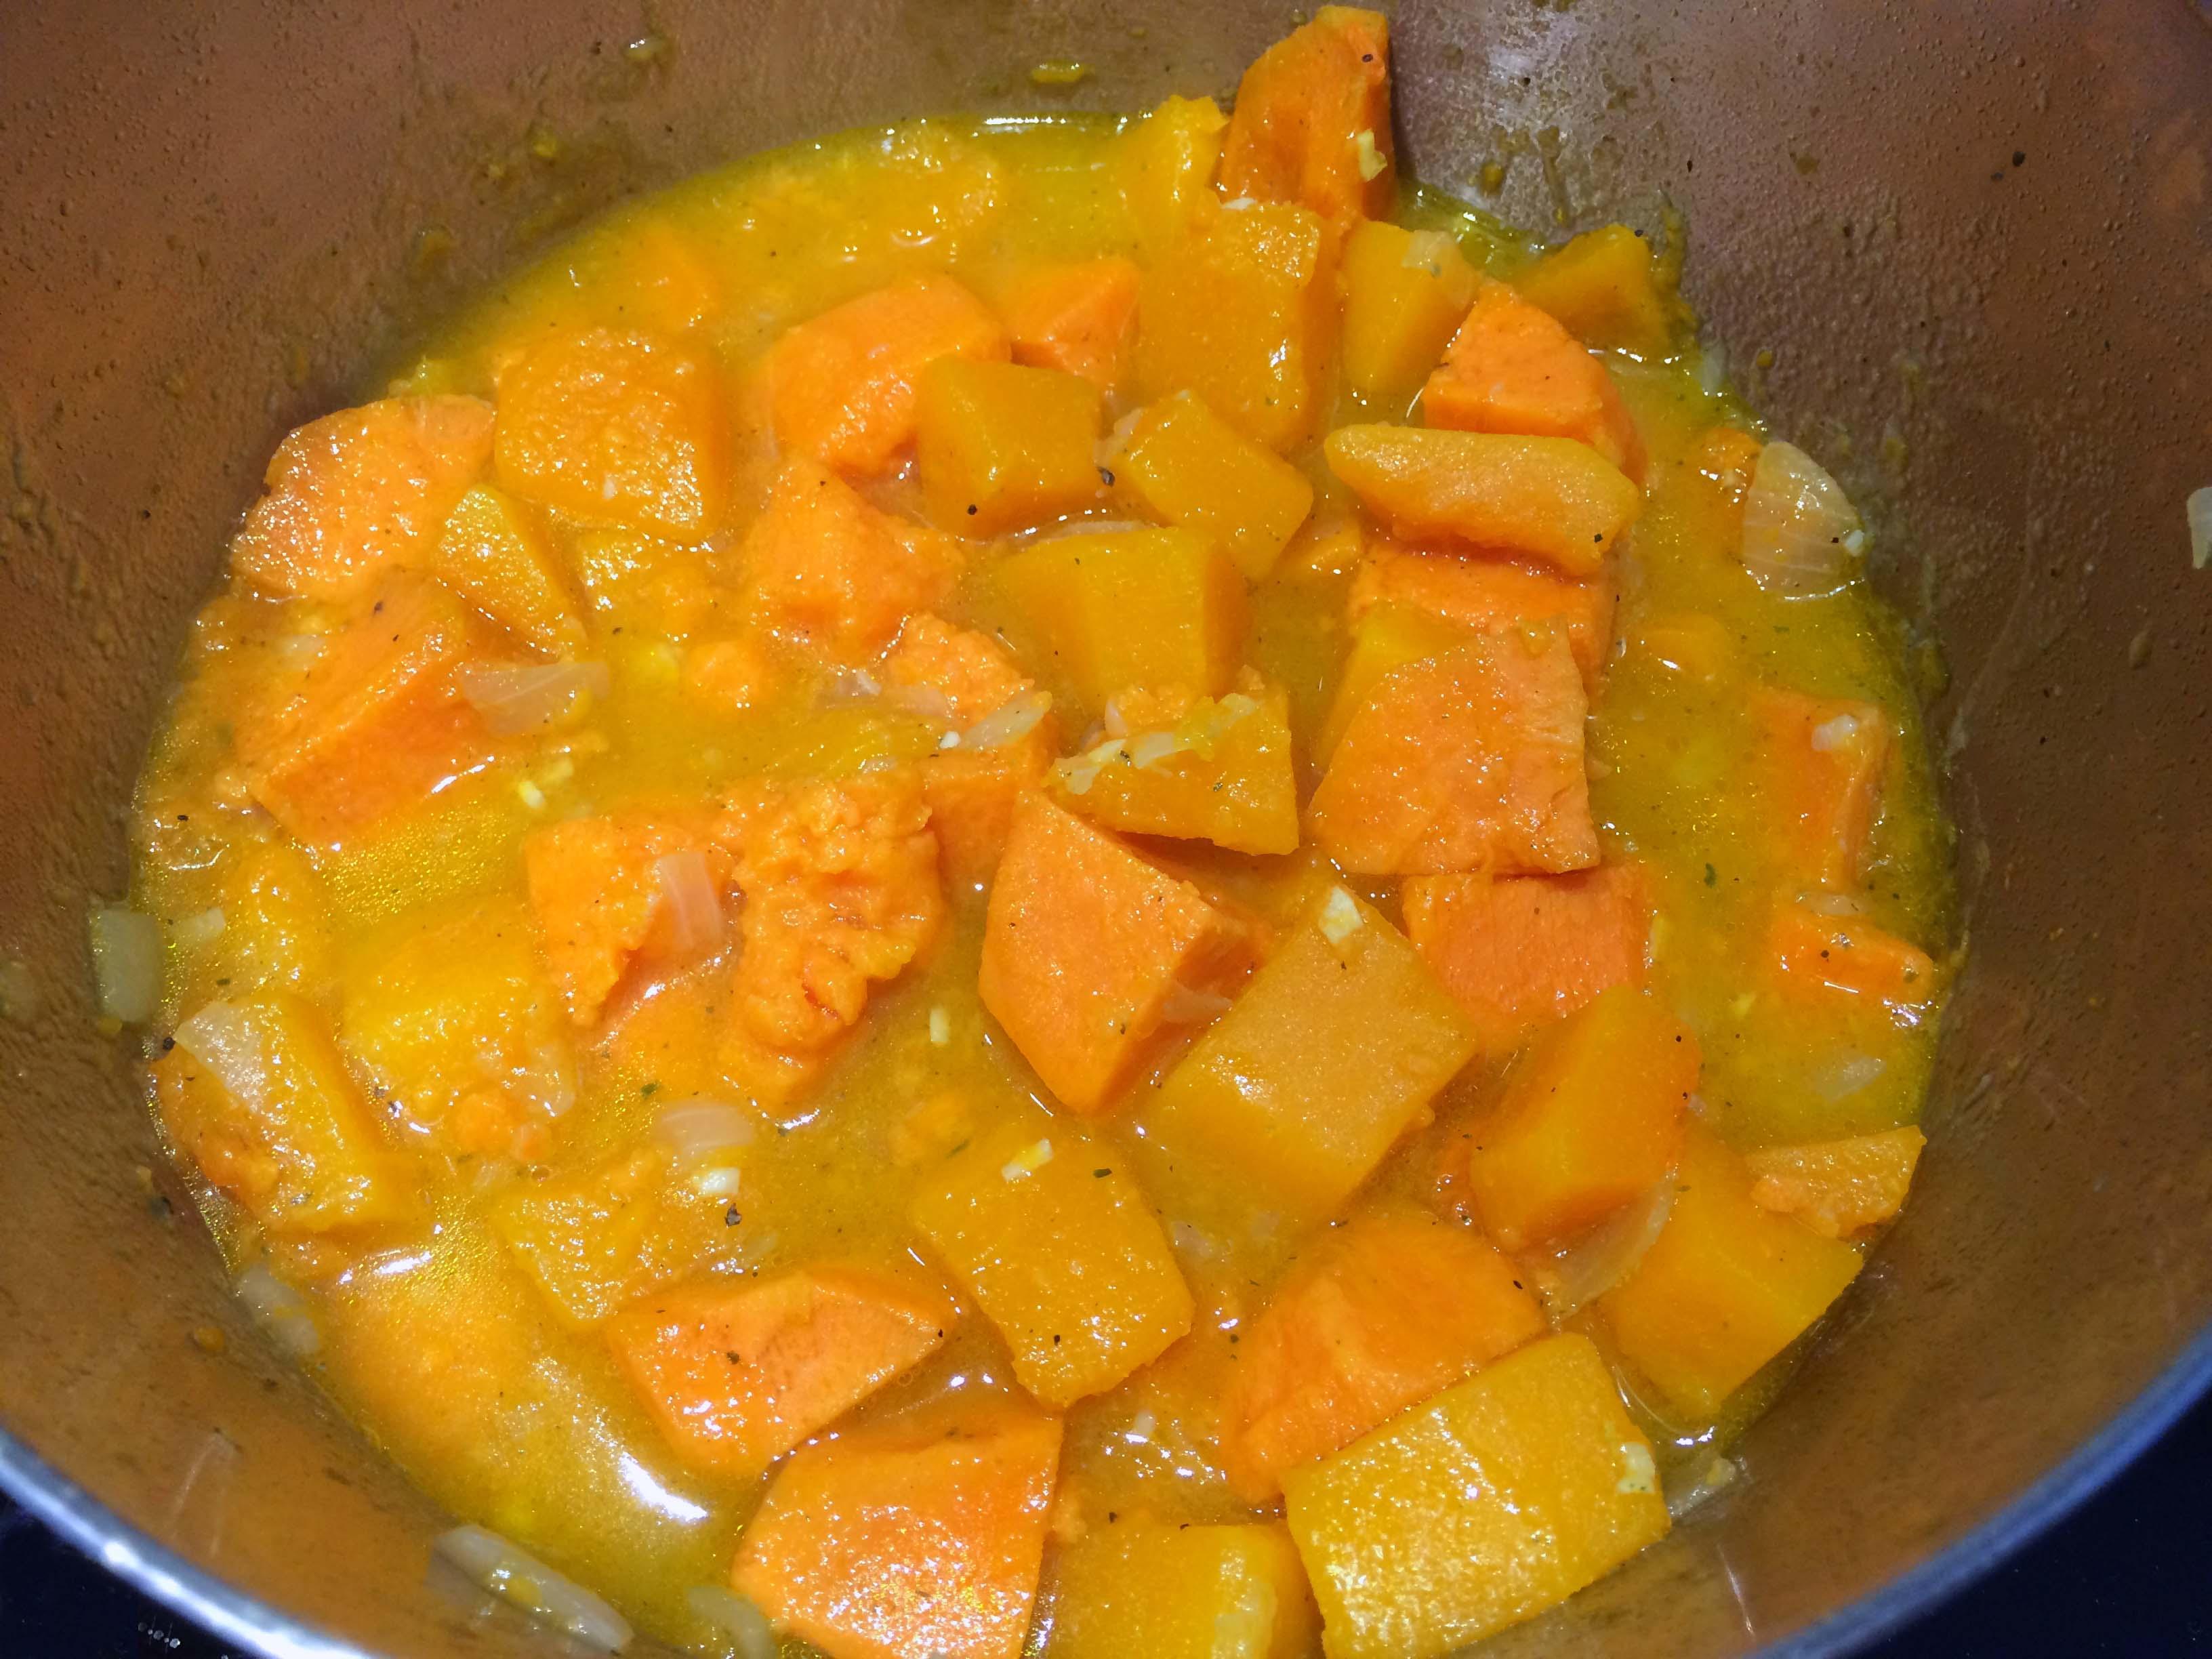 zoete aardappel en pompoen gekookt